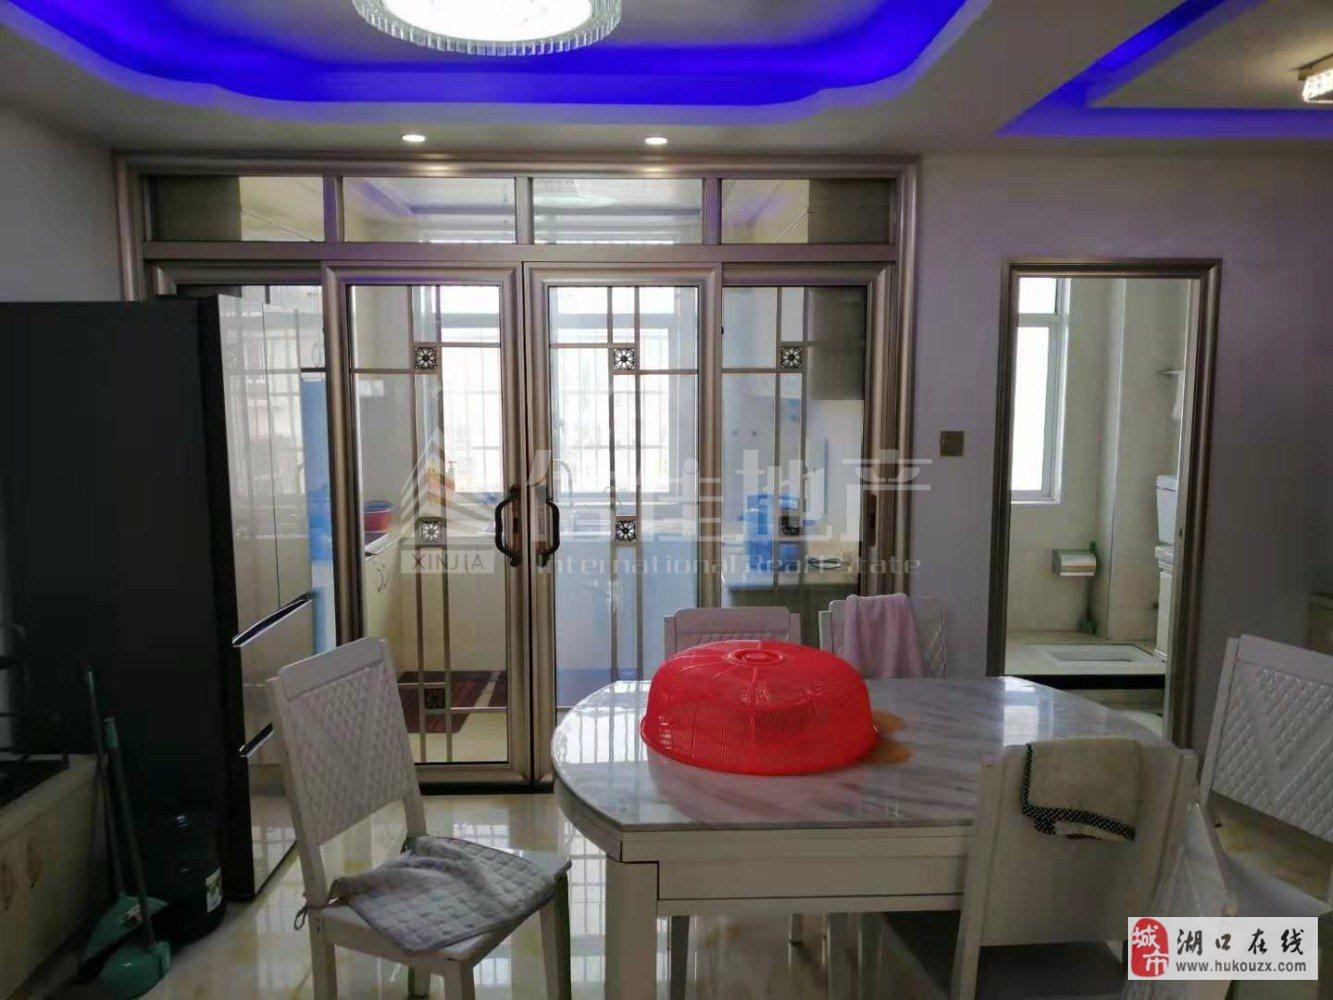 新政府附近,精裝大三房,3室2廳2衛72萬元